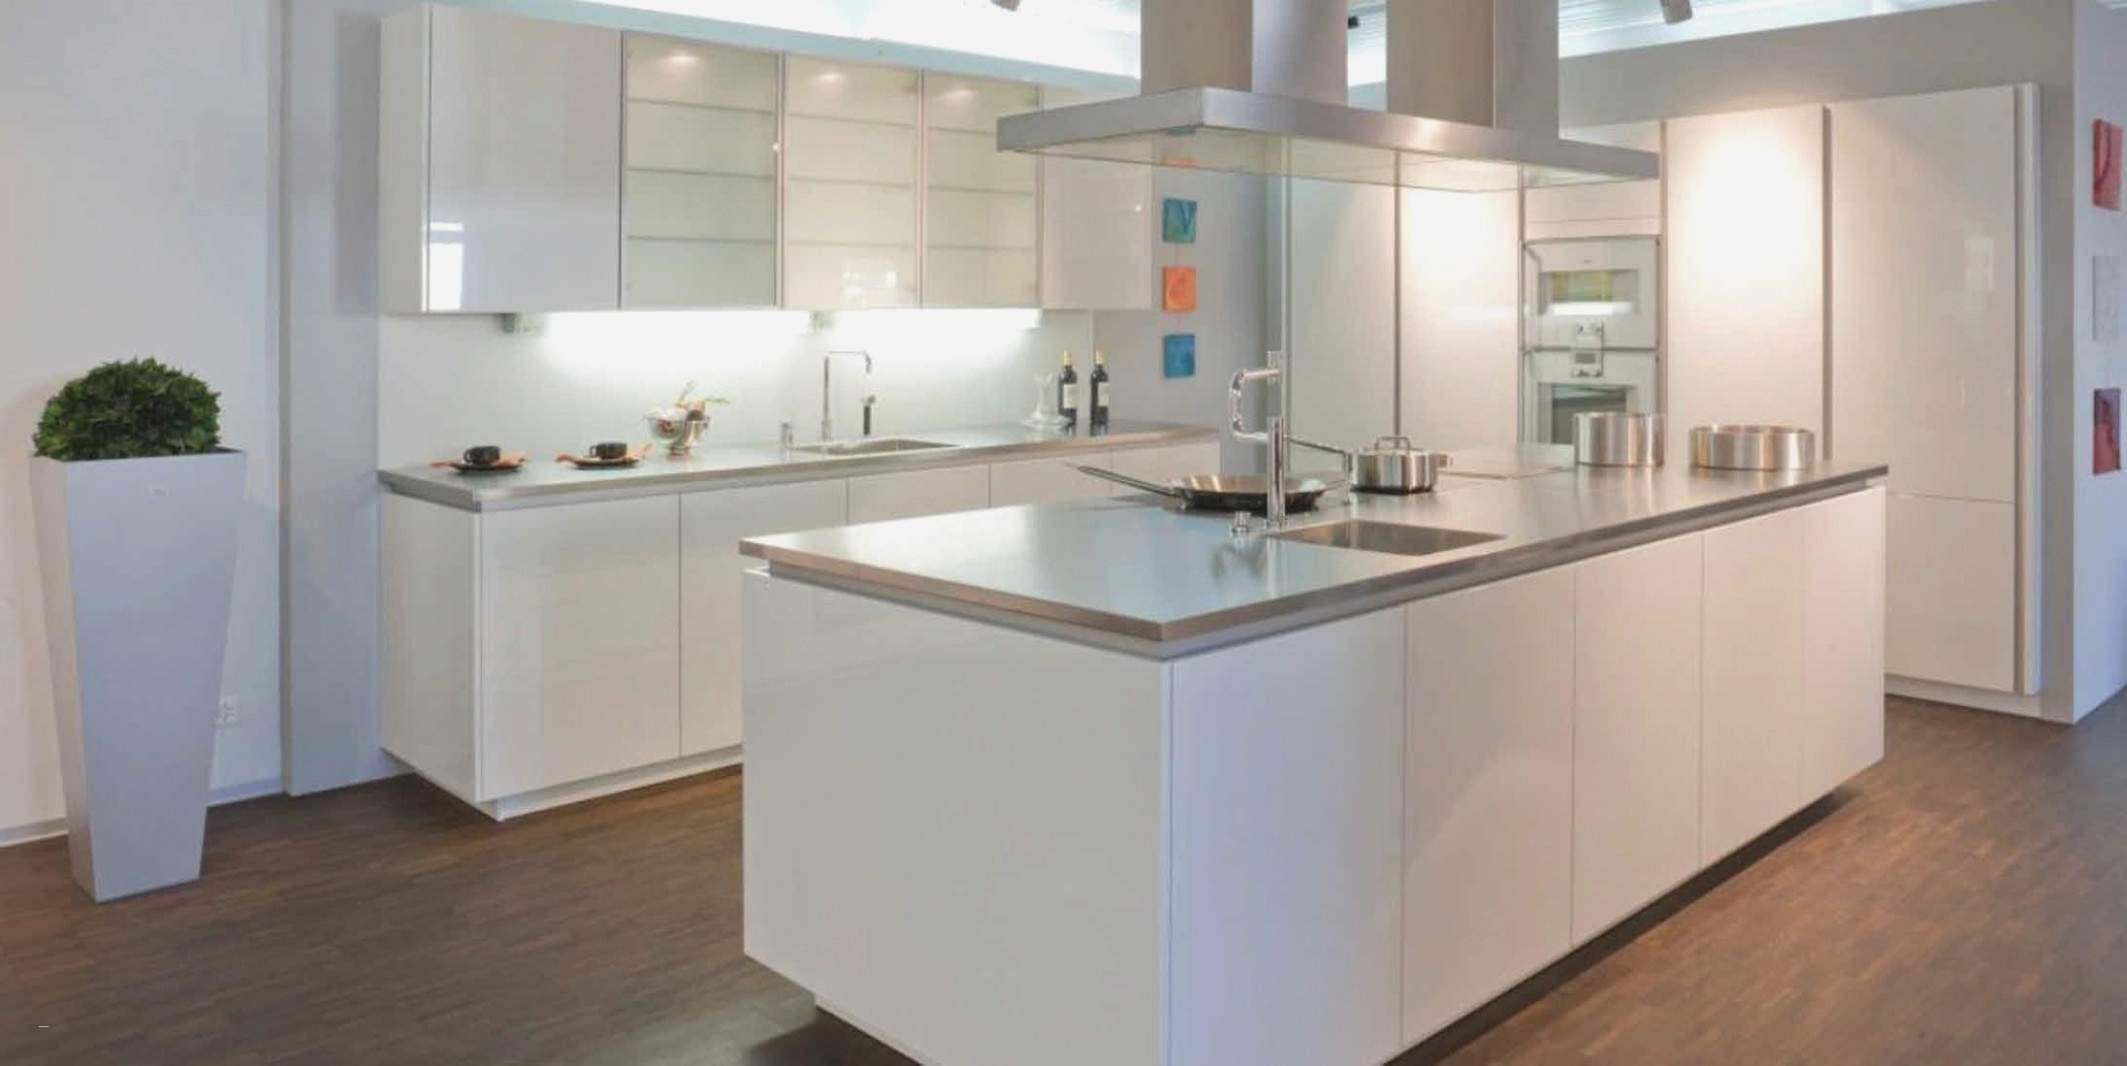 Full Size of Gardine Küche Shabby Gardinen Küche Amazon Gardinen Für Küche Mit Schlaufen Gardinen Küche Bonprix Küche Gardinen Für Küche